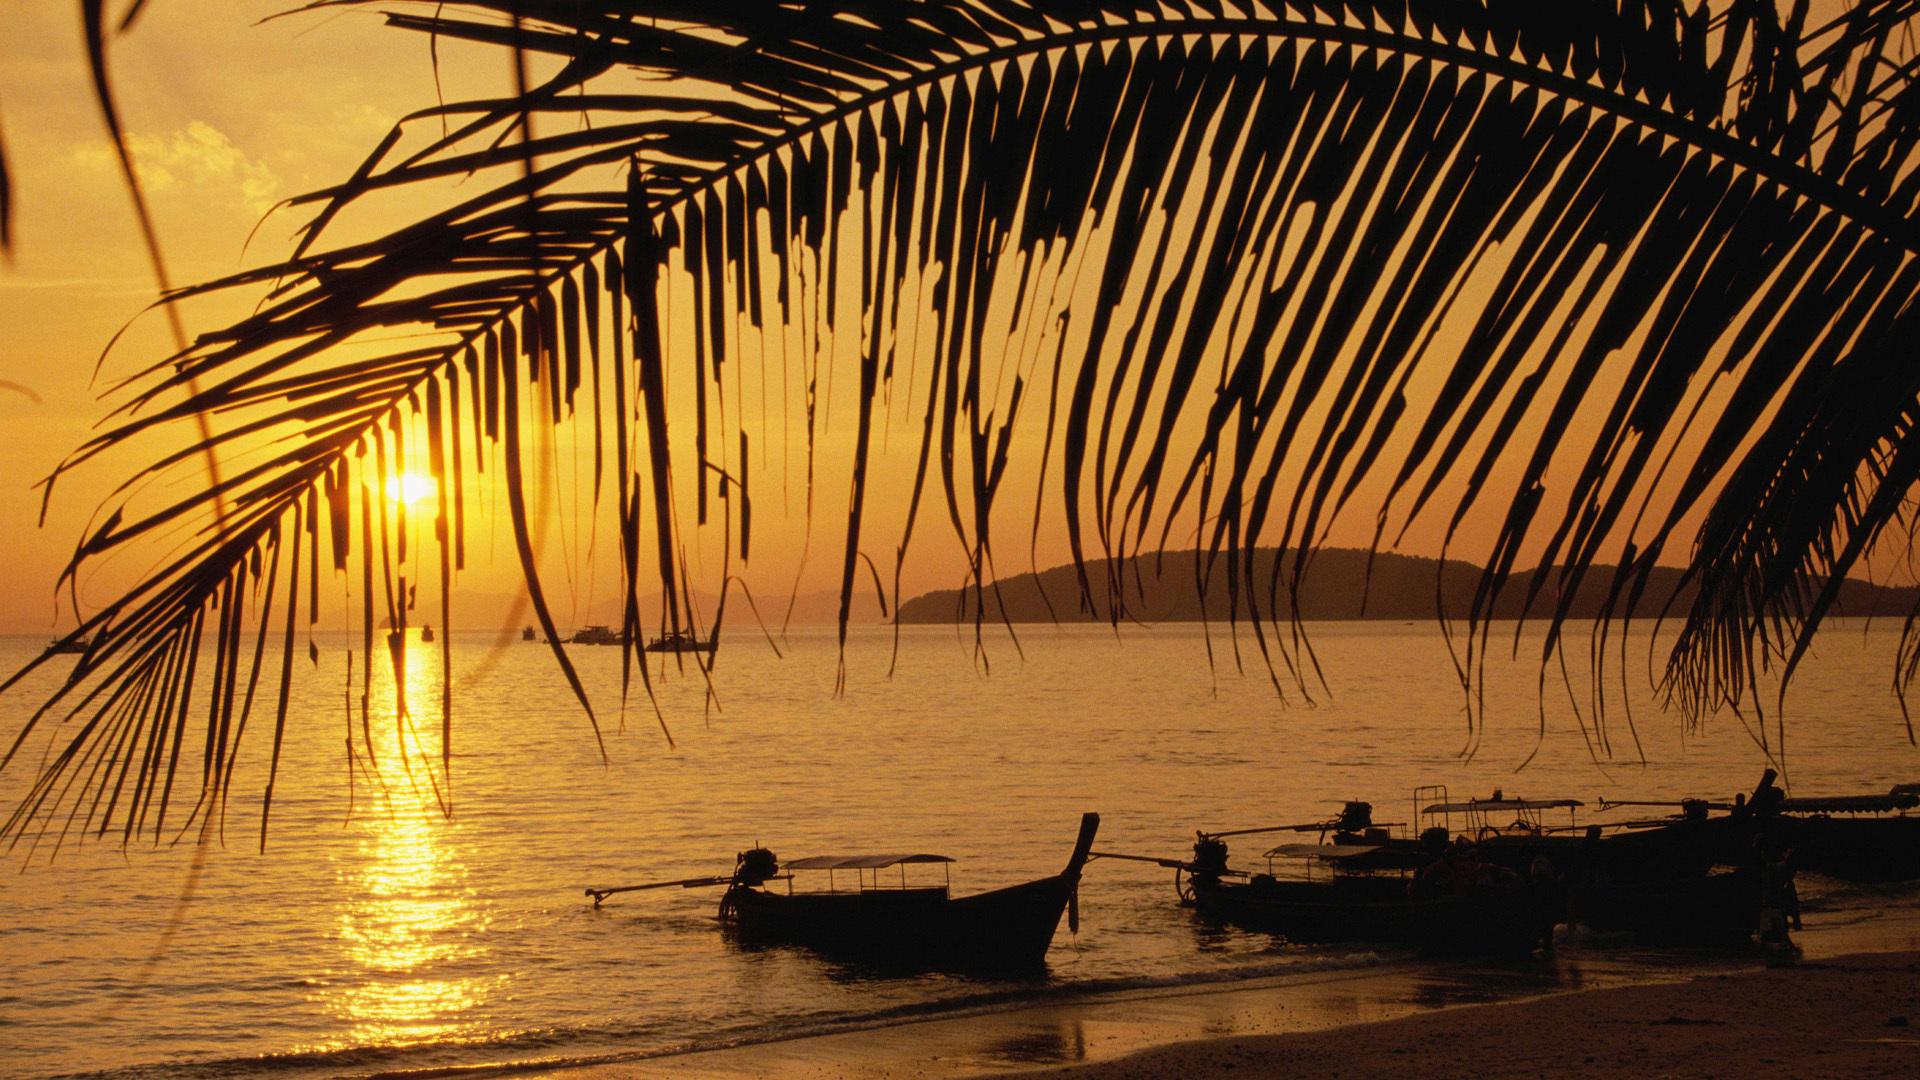 25482 скачать обои Пейзаж, Закат, Море, Пальмы, Лодки - заставки и картинки бесплатно